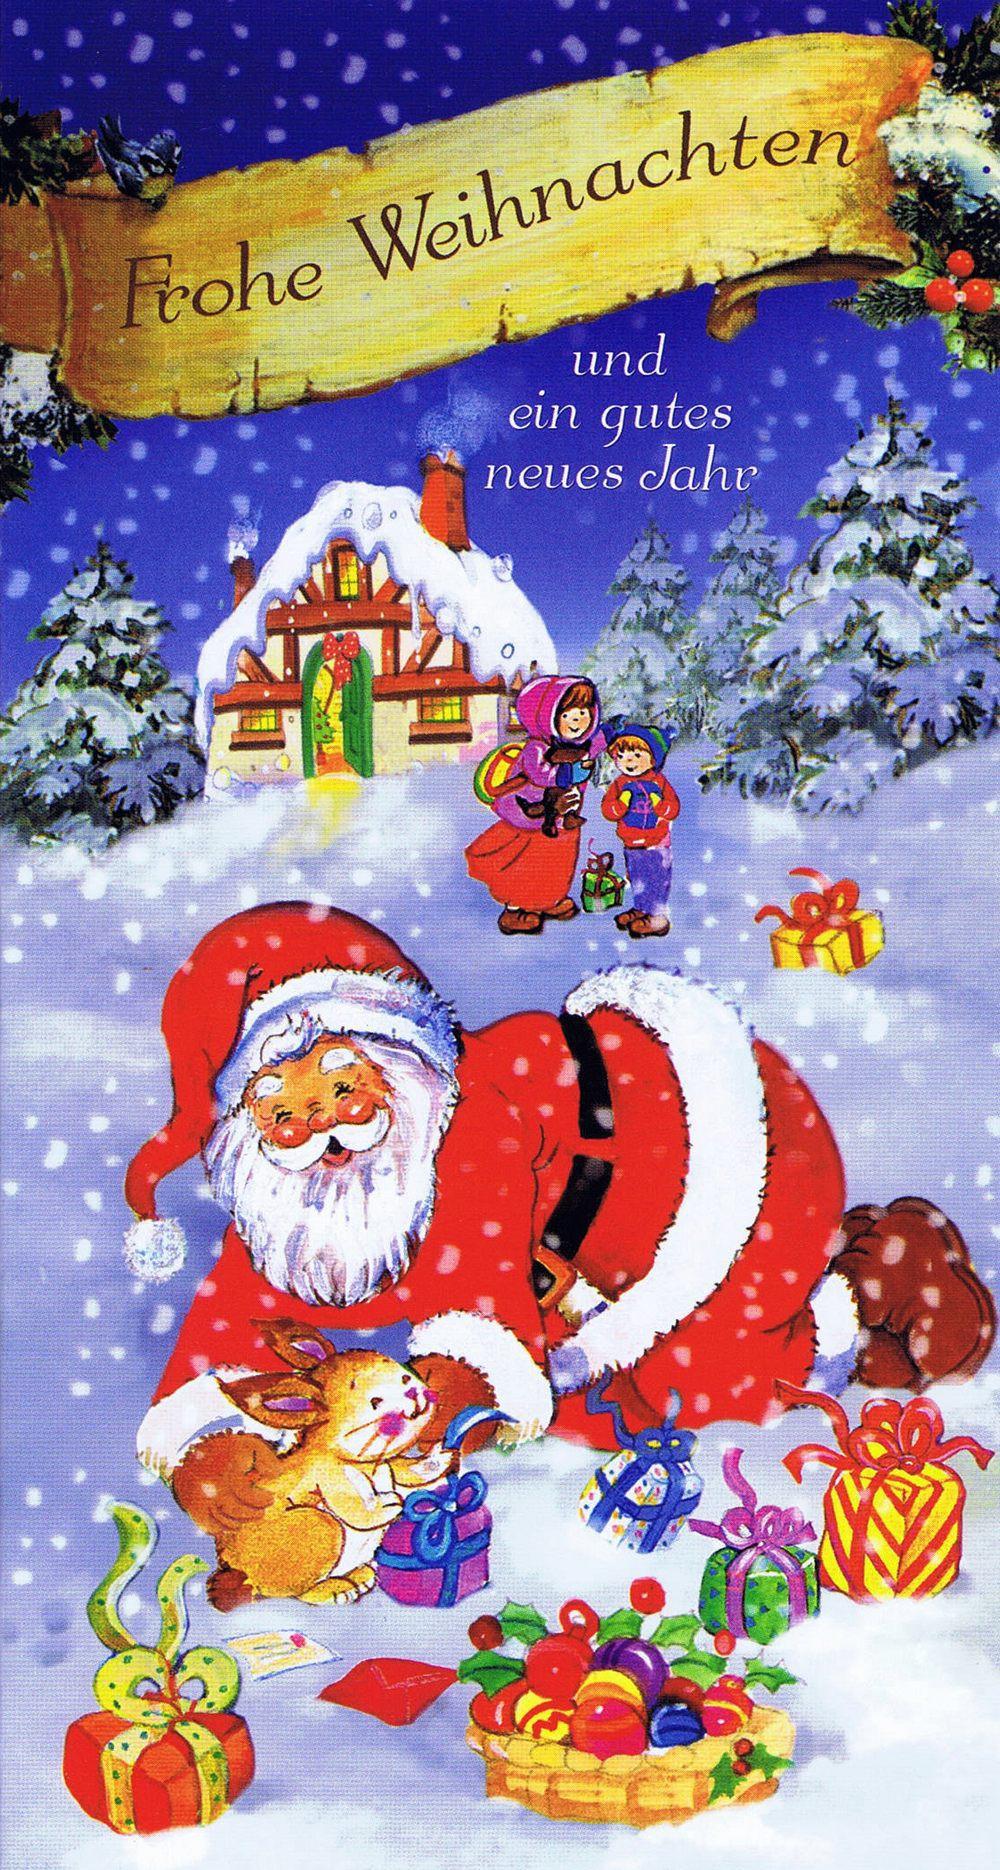 Weihnachtskarte 5 - Weihnachtsmann Und Glückliche Kinder über Weihnachtsmann Kinder